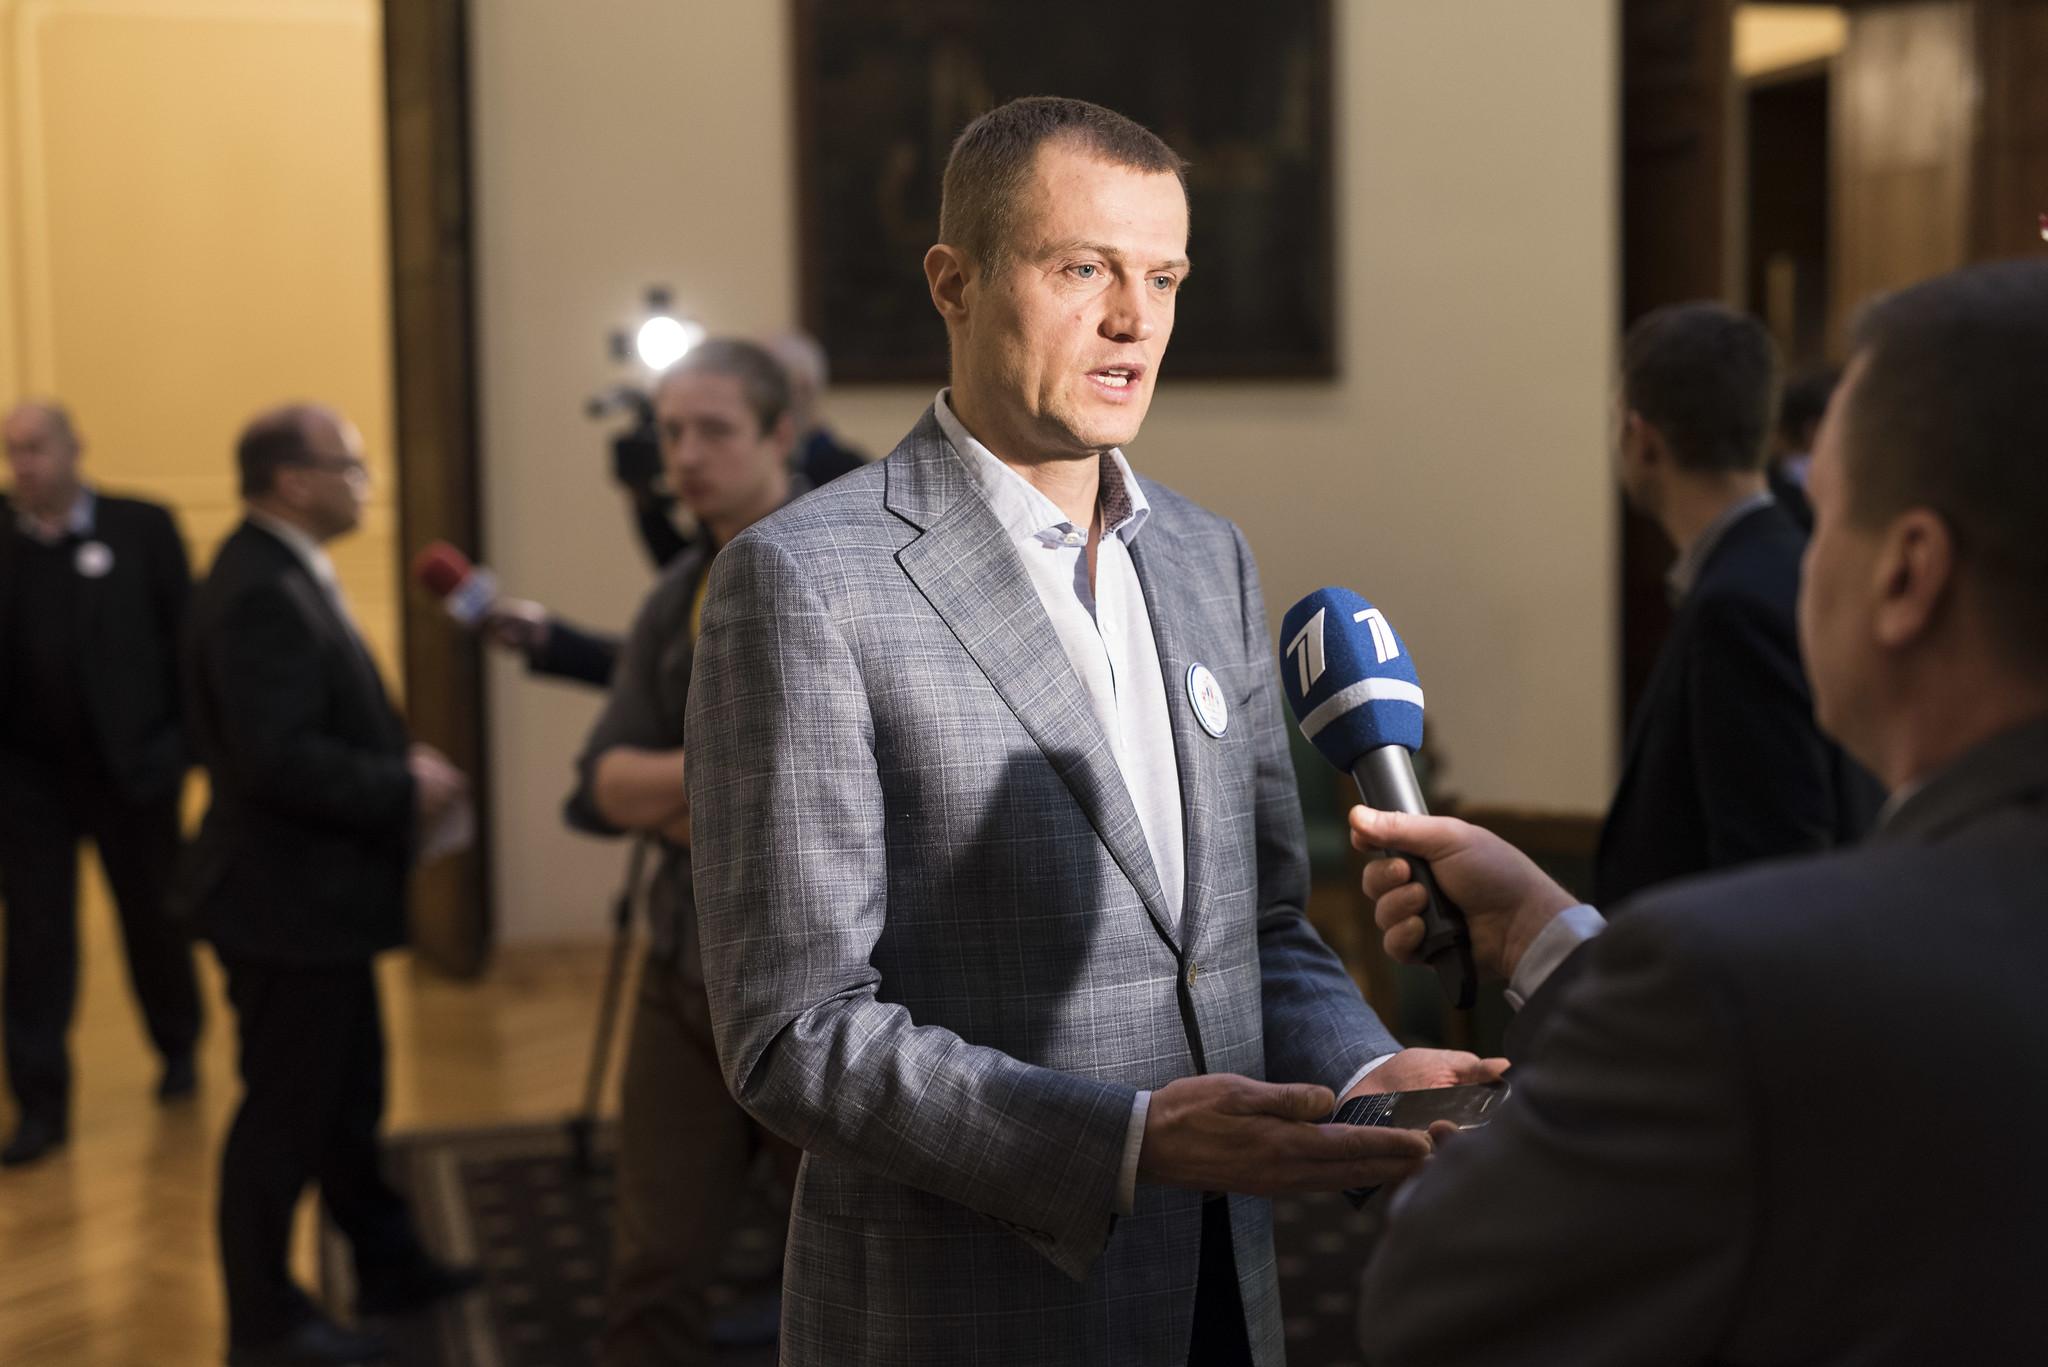 """Ivars Zariņš: Saeimā turpinās izmeklēt skandalozo SIA """"Titled"""" gandrīz miljons nederīgo respiratoru iepirkumu."""